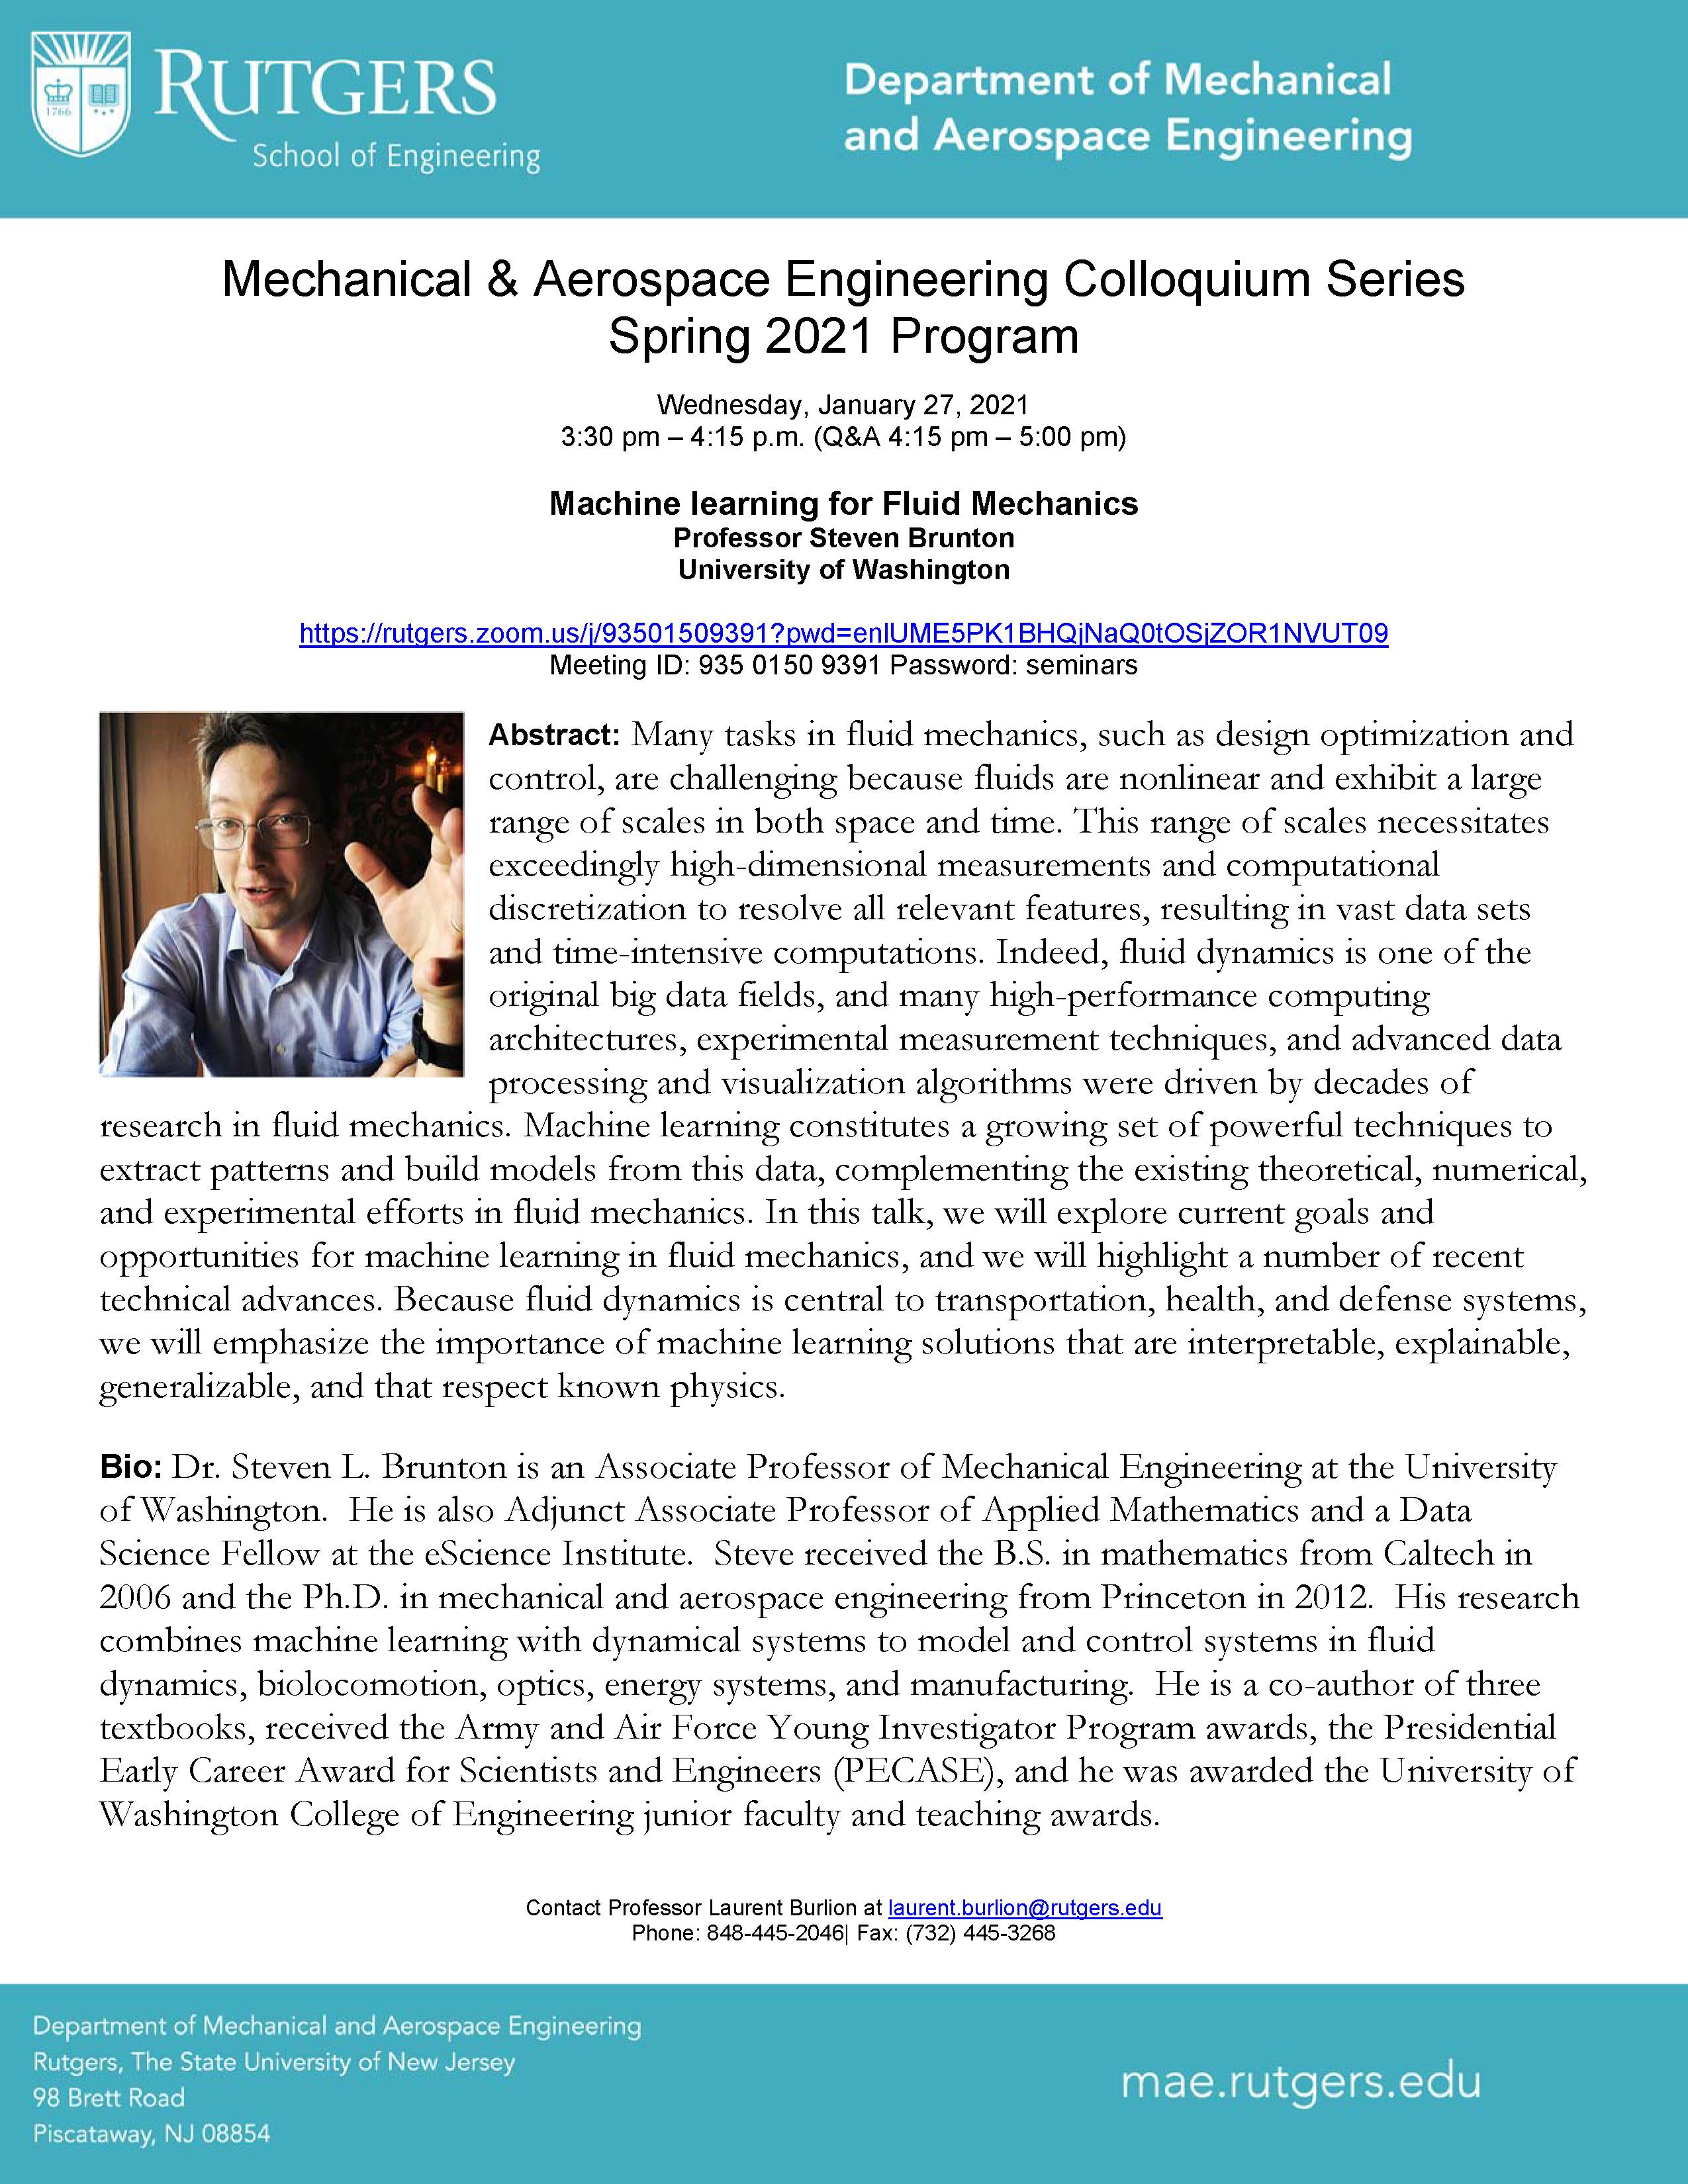 MAE-Seminar-Flyer-Steven Brunton_0.jpg